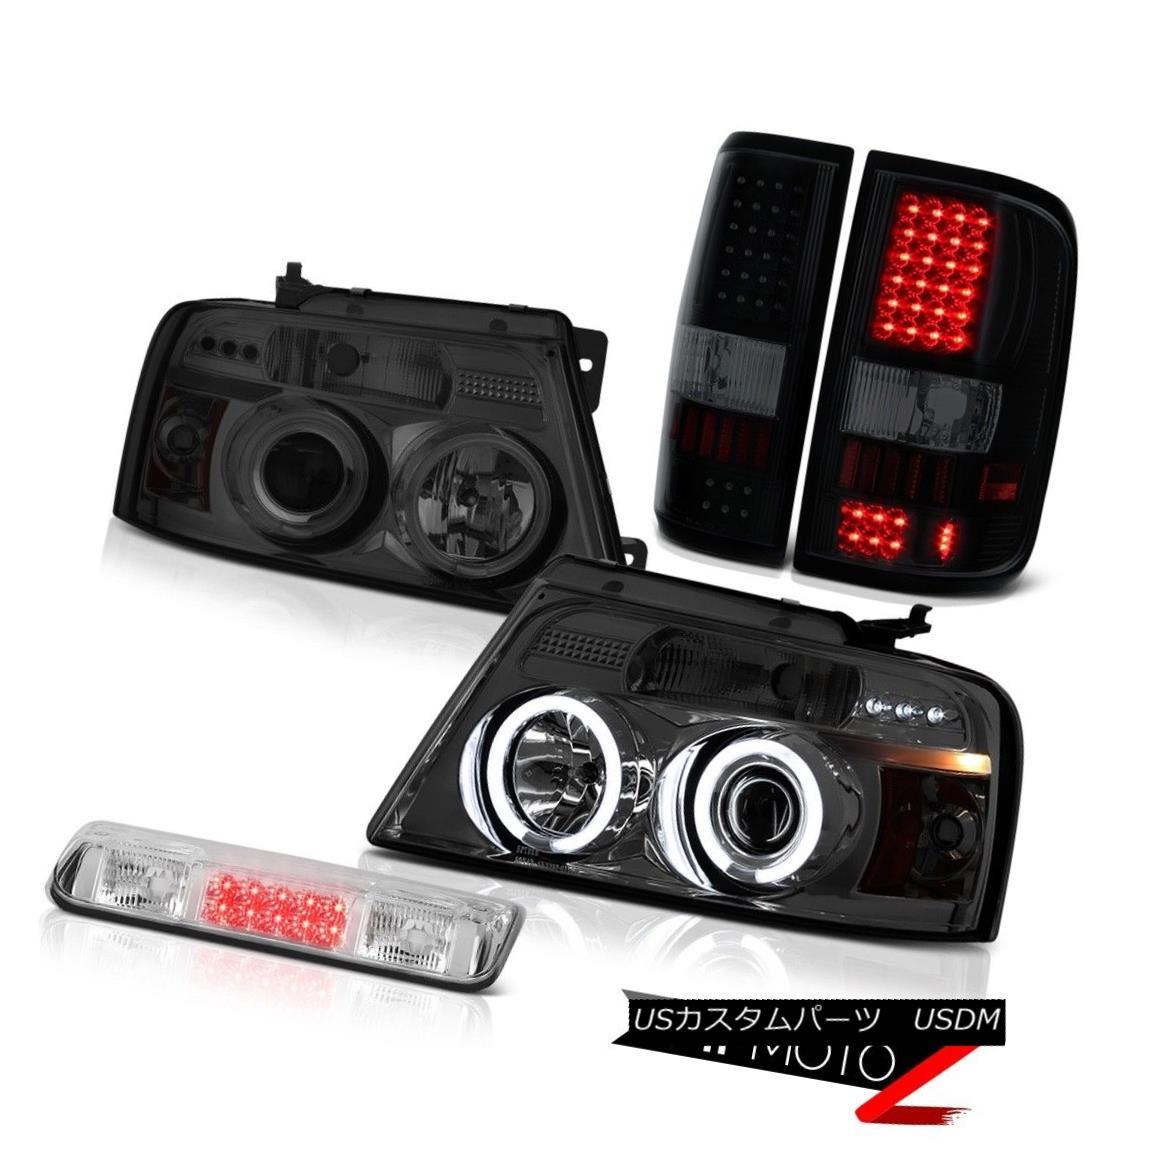 ヘッドライト 2004-2008 Ford F150 XLT Roof Cab Lamp Tail Brake Lights Headlamps SMD Brightest 2004-2008フォードF150 XLTルーフキャブ・ランプテール・ブレーキ・ライトヘッドランプSMDブライト